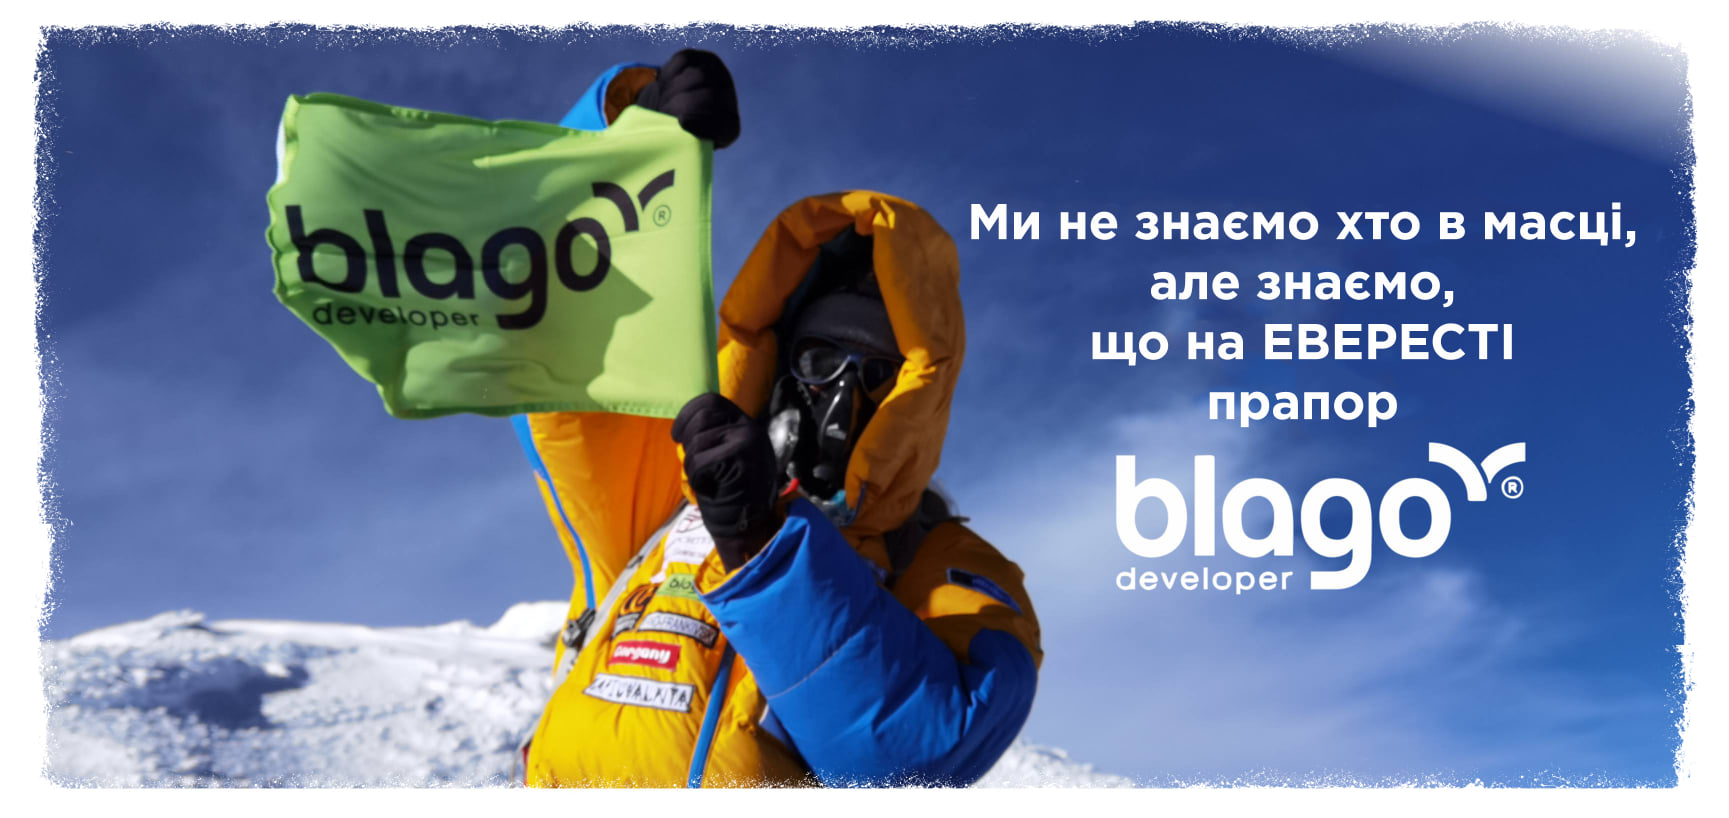 """""""Зійшла! Не зійшла!"""": користувачі мережі створюють меми про Мохнацьку та Еверест (ФОТО)"""